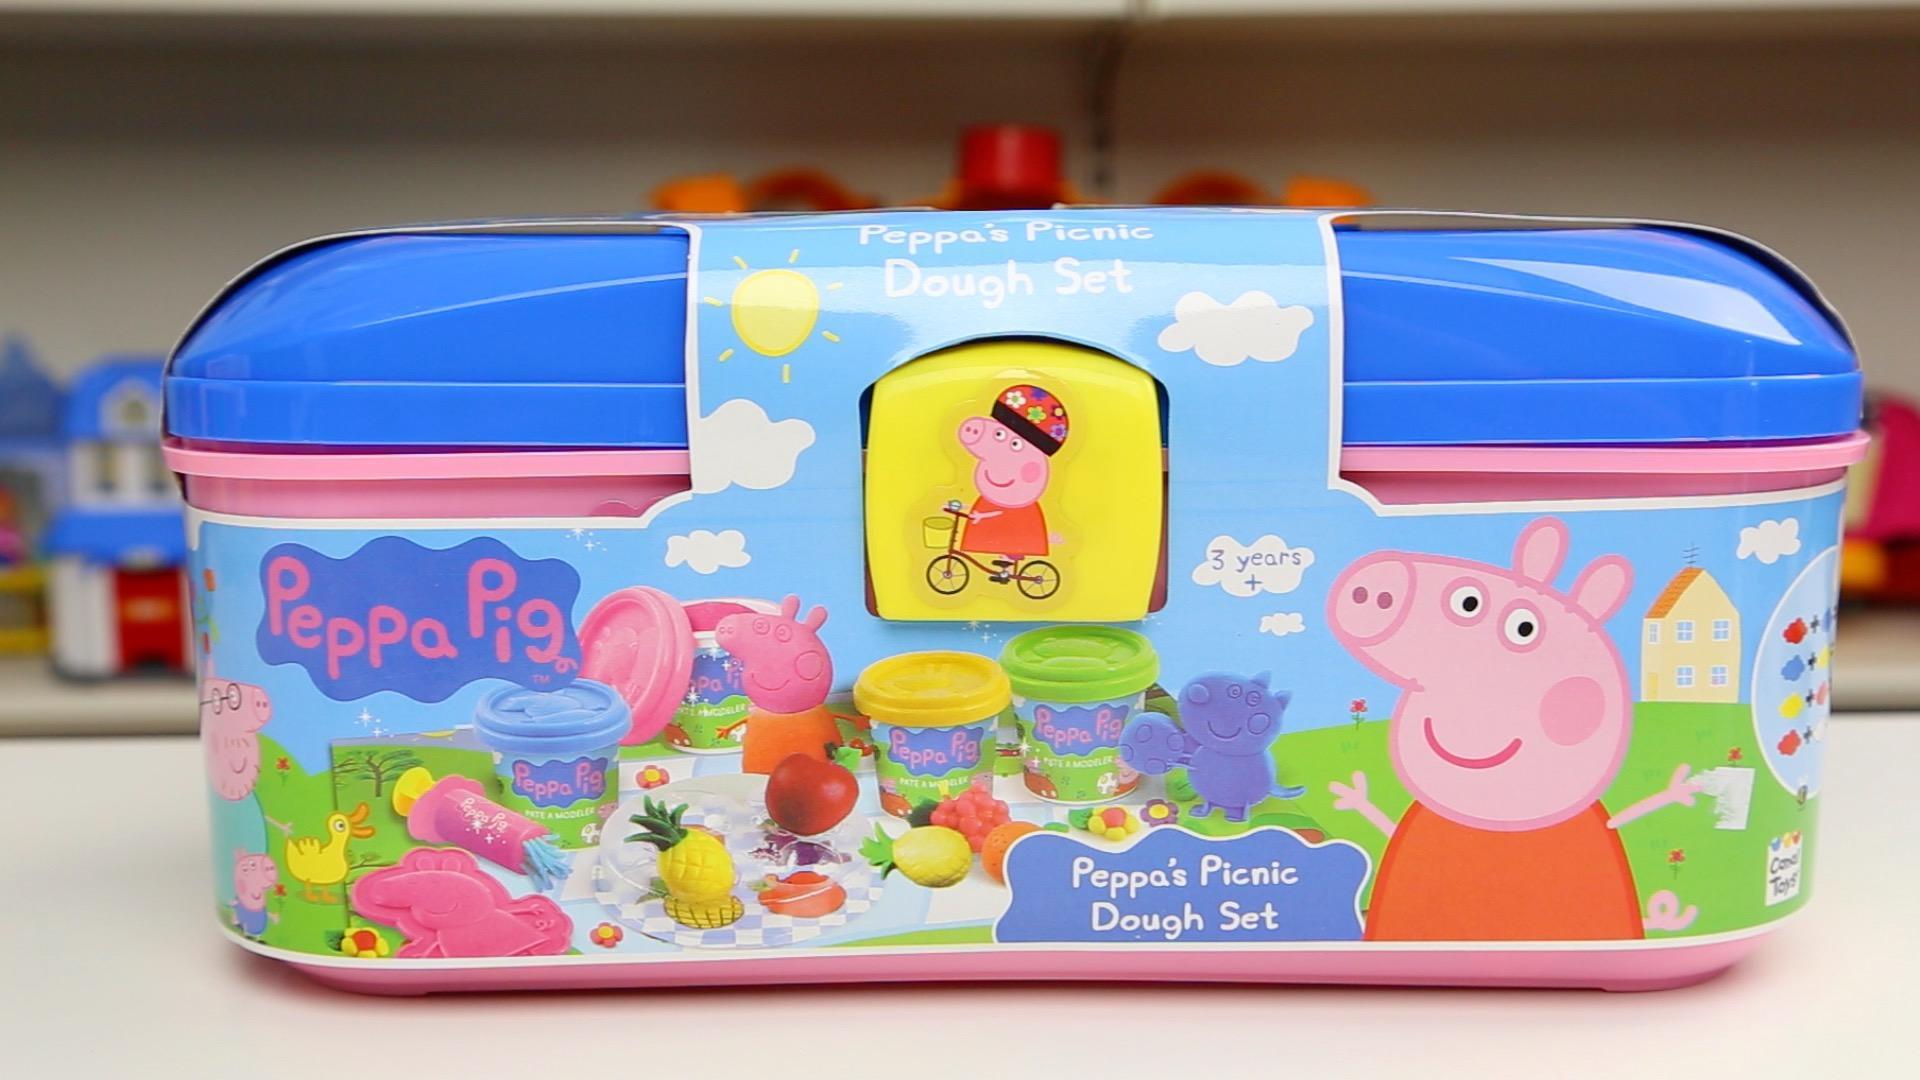 粉红猪小妹 野餐彩泥玩具 小猪佩奇 制作水果面